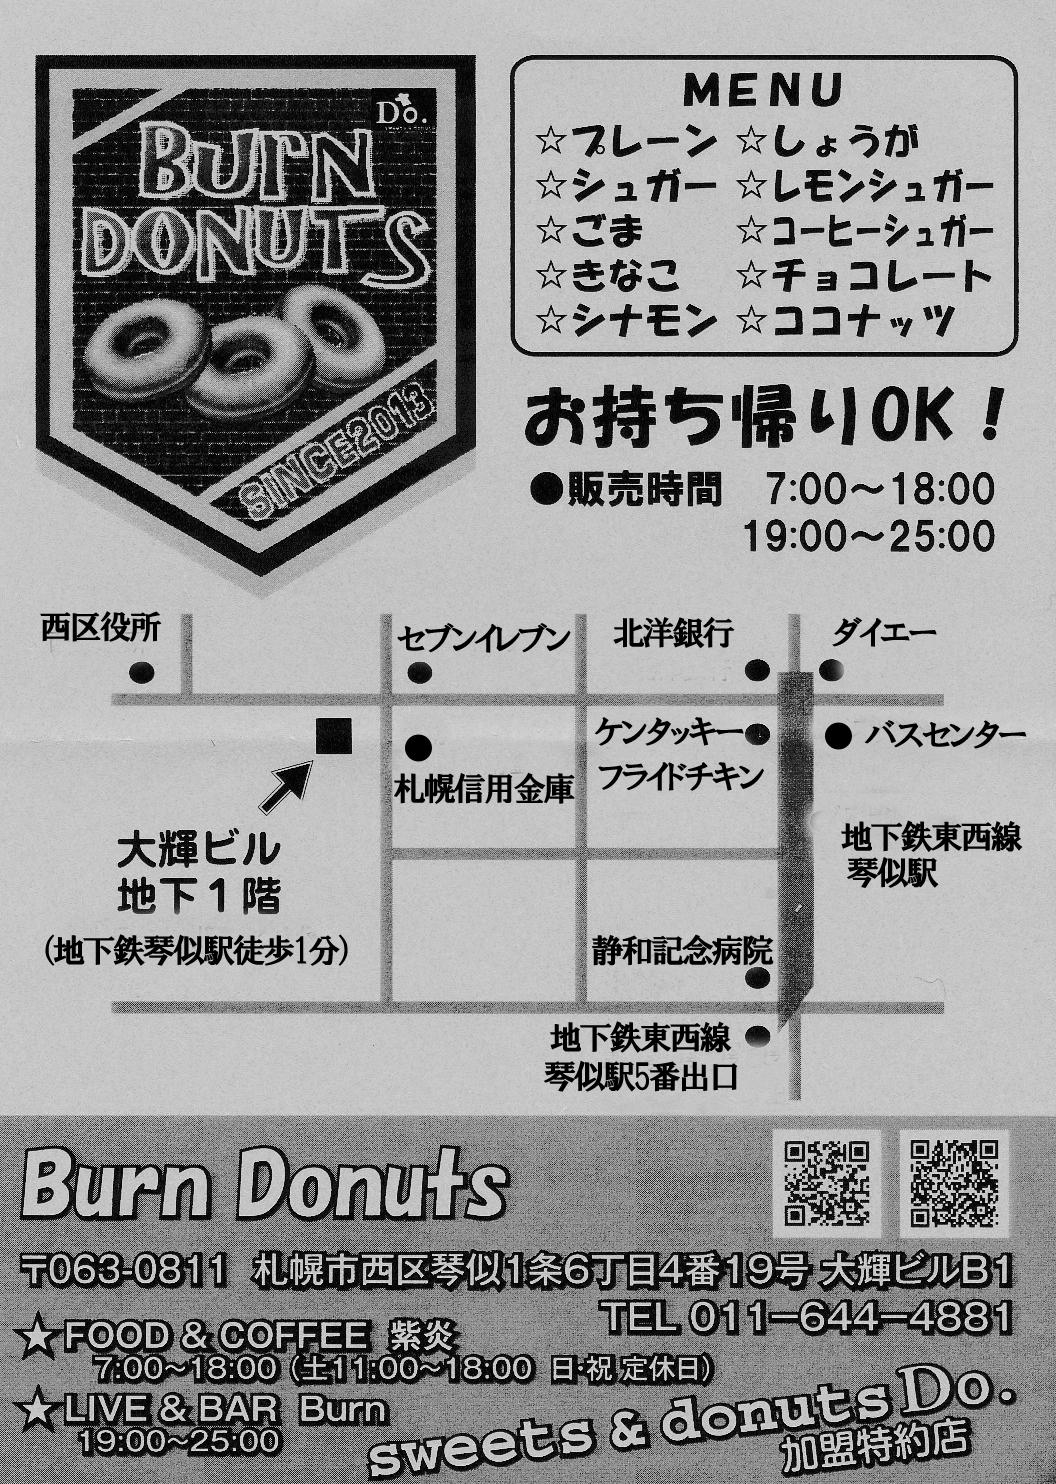 BURN ドーナツのコピー